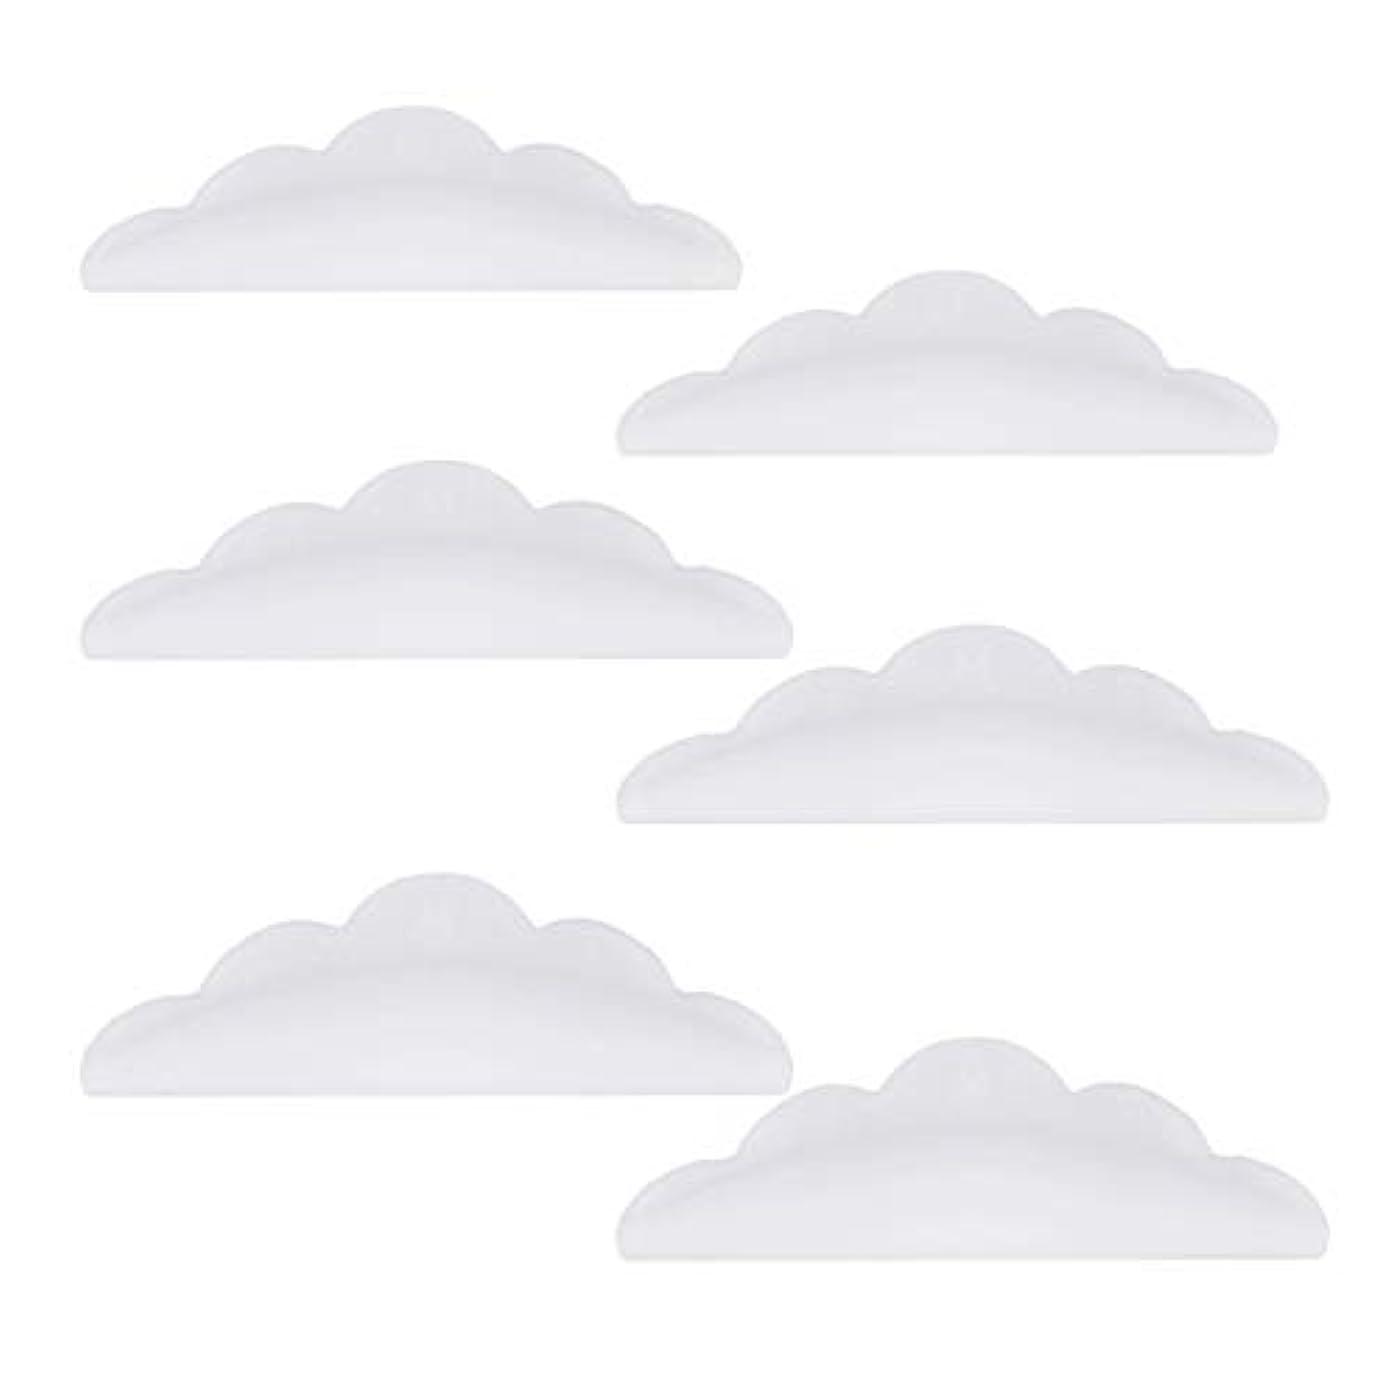 モニカネスト前方へLurrose 24本のシリコーンまつげパーマカーラーシールドパッド化粧道具(ホワイト)